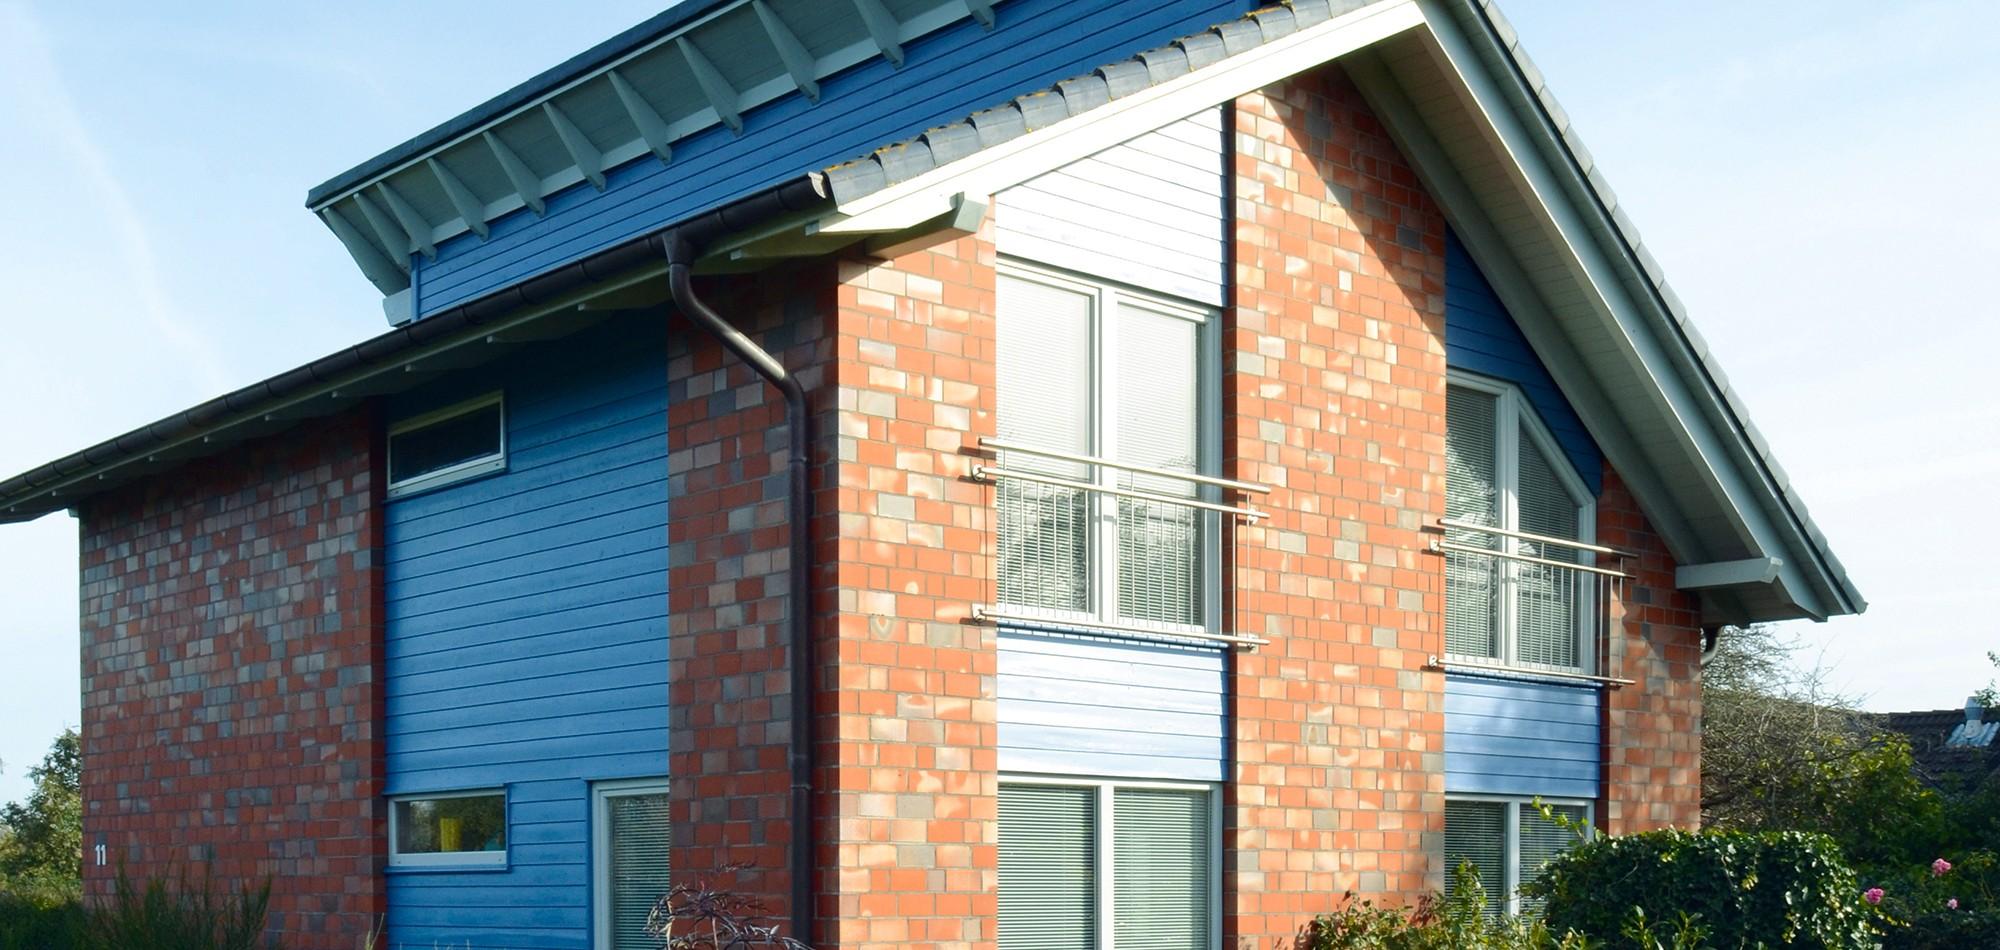 Sehr Verblendete Häuser – Holzhäuser & Zimmerei Richardsen, Langenhorn PV96